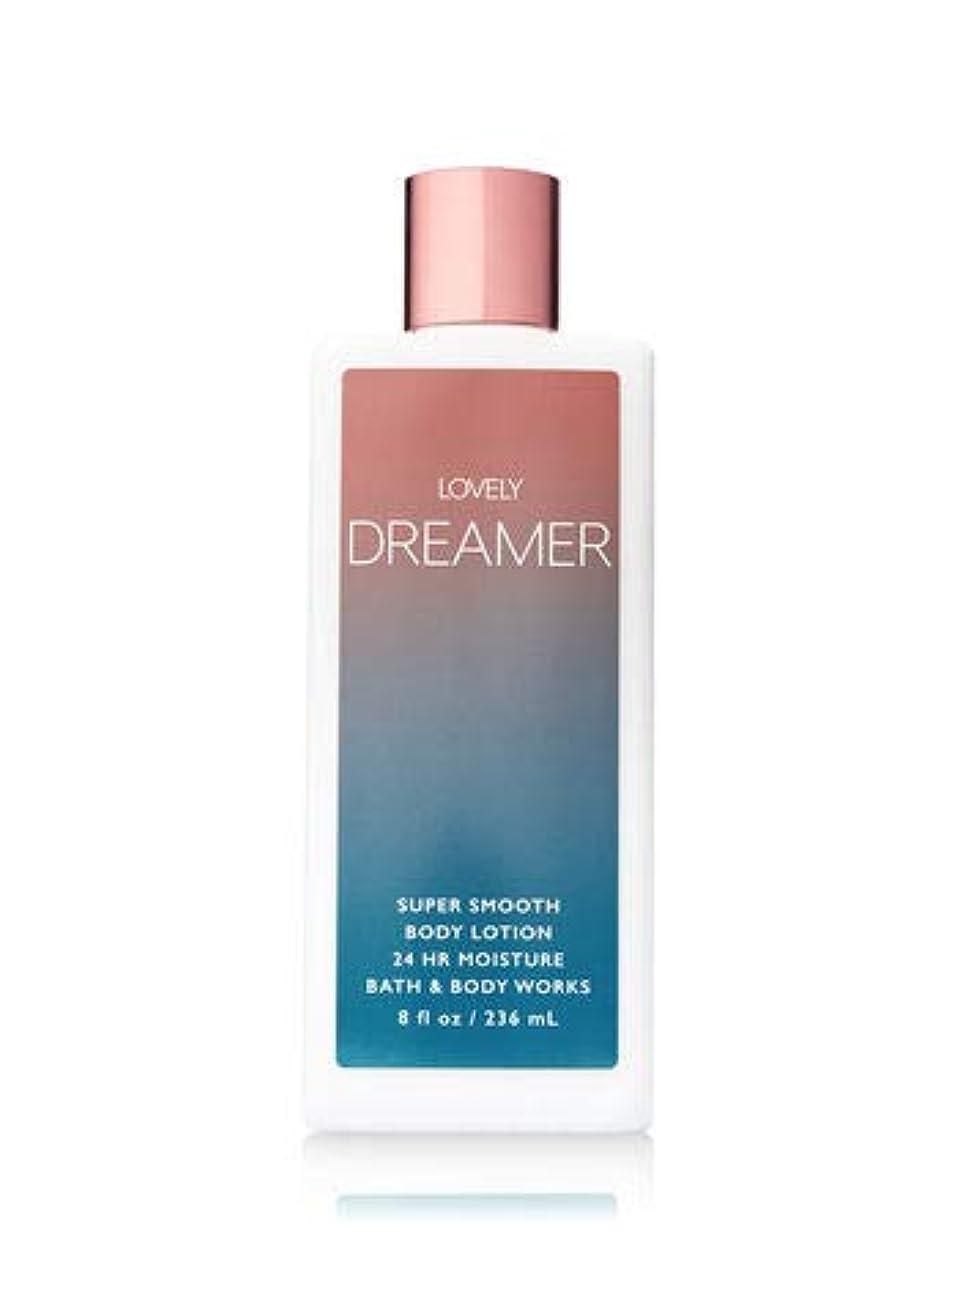 ピックハッピー厚い【Bath&Body Works/バス&ボディワークス】 ボディローション ラブリードリーマー Super Smooth Body Lotion Lovely Dreamer 8 fl oz / 236 mL [並行輸入品]